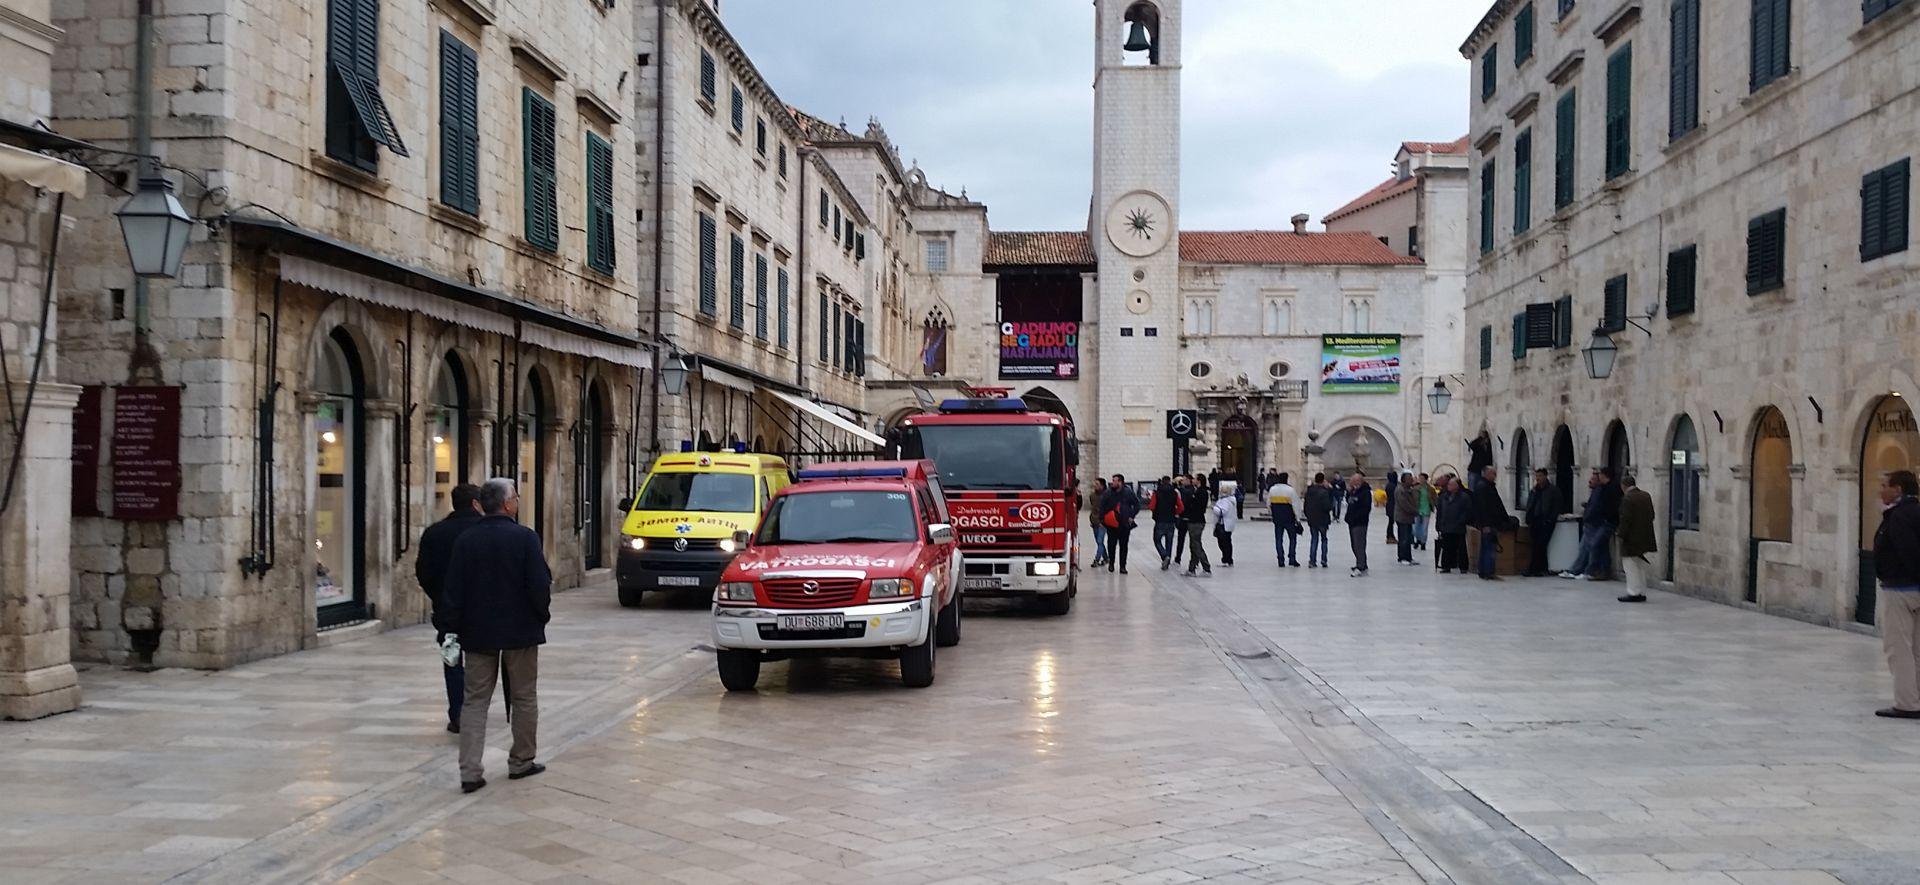 POLICIJA I SPECIJALCI NA TERENU Muškarac u Dubrovniku prijetio da će se raznijeti plinskom bocom